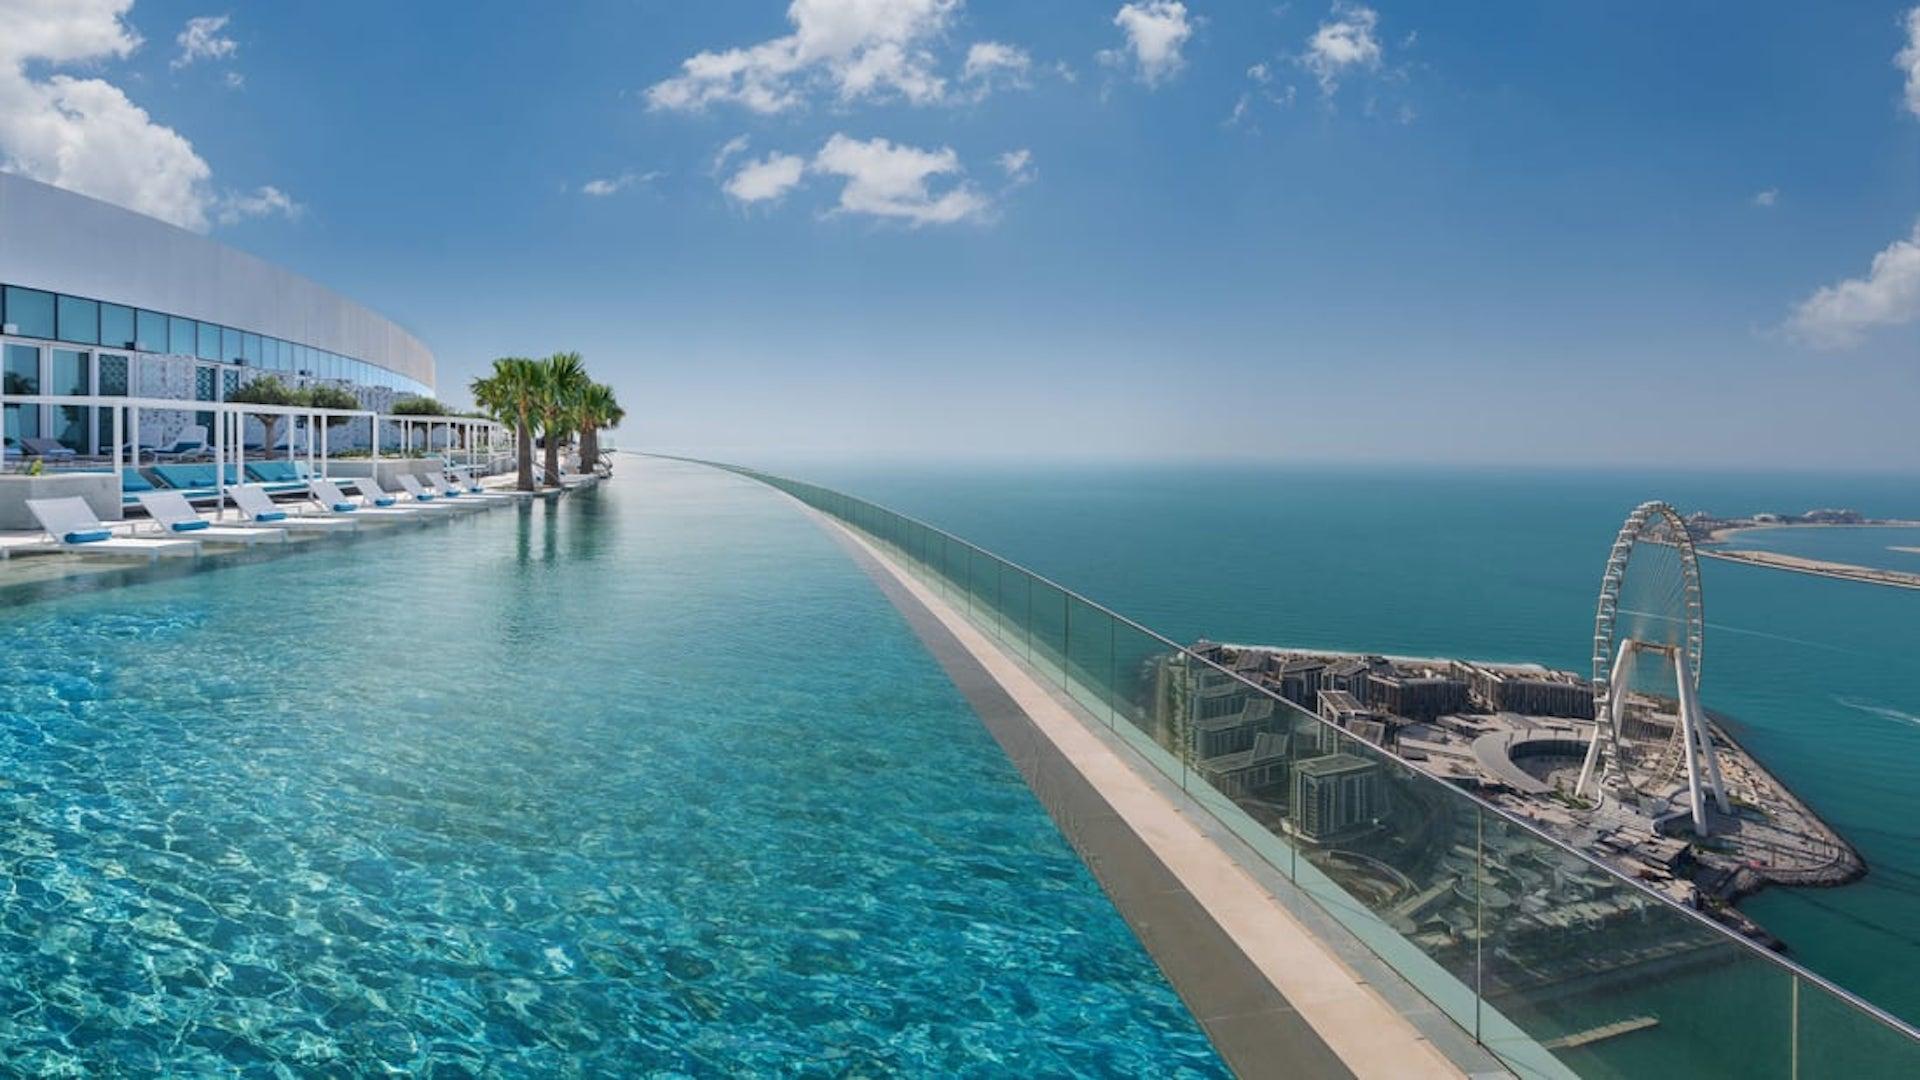 Esta es la piscina infinita más alta del mundo. ¿Dónde?